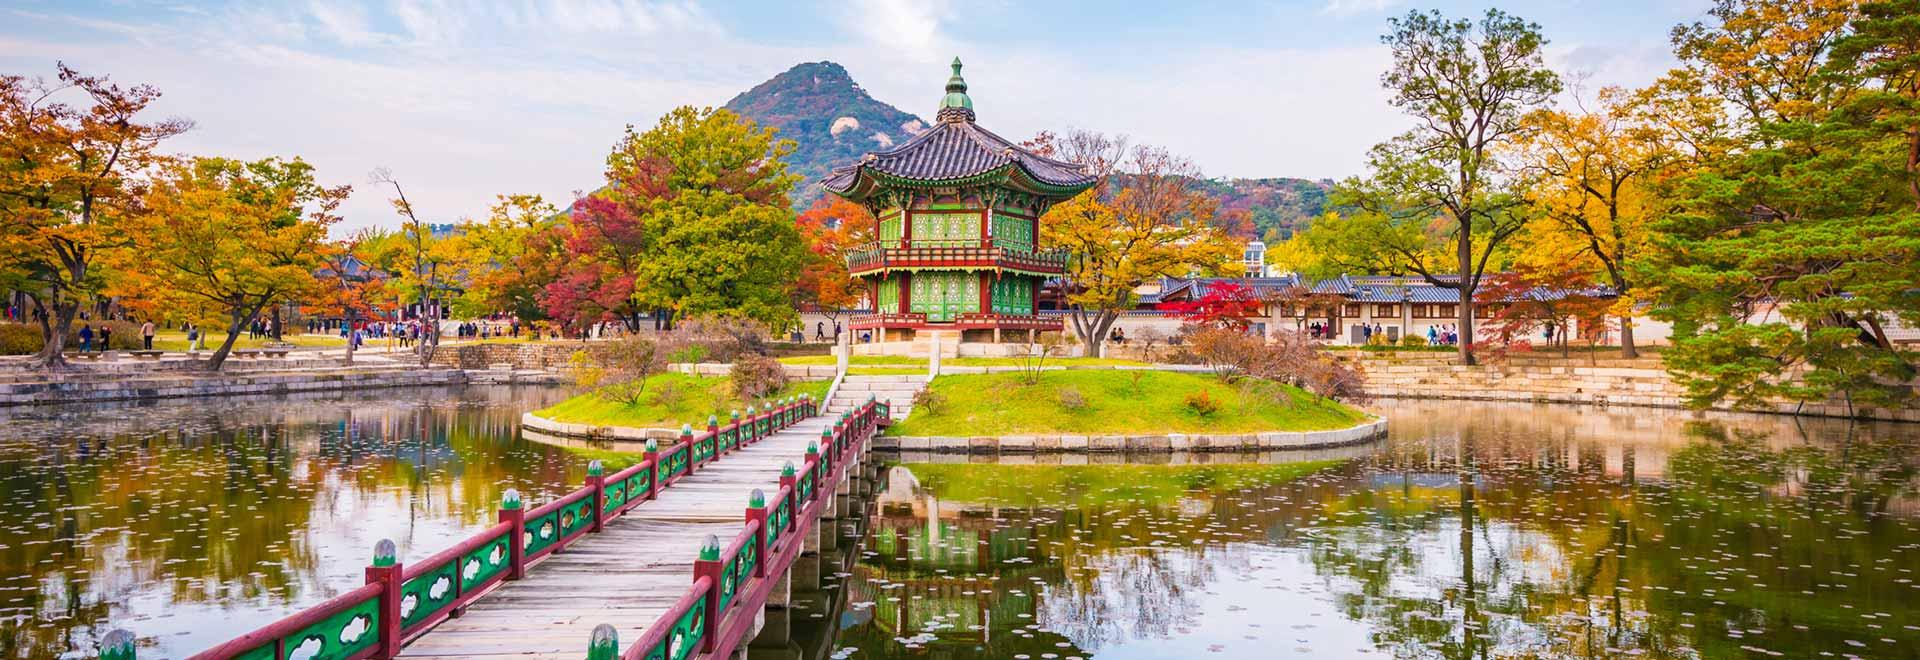 South Korea Luxury Travel & Luxury Tours   Abercrombie & Kent